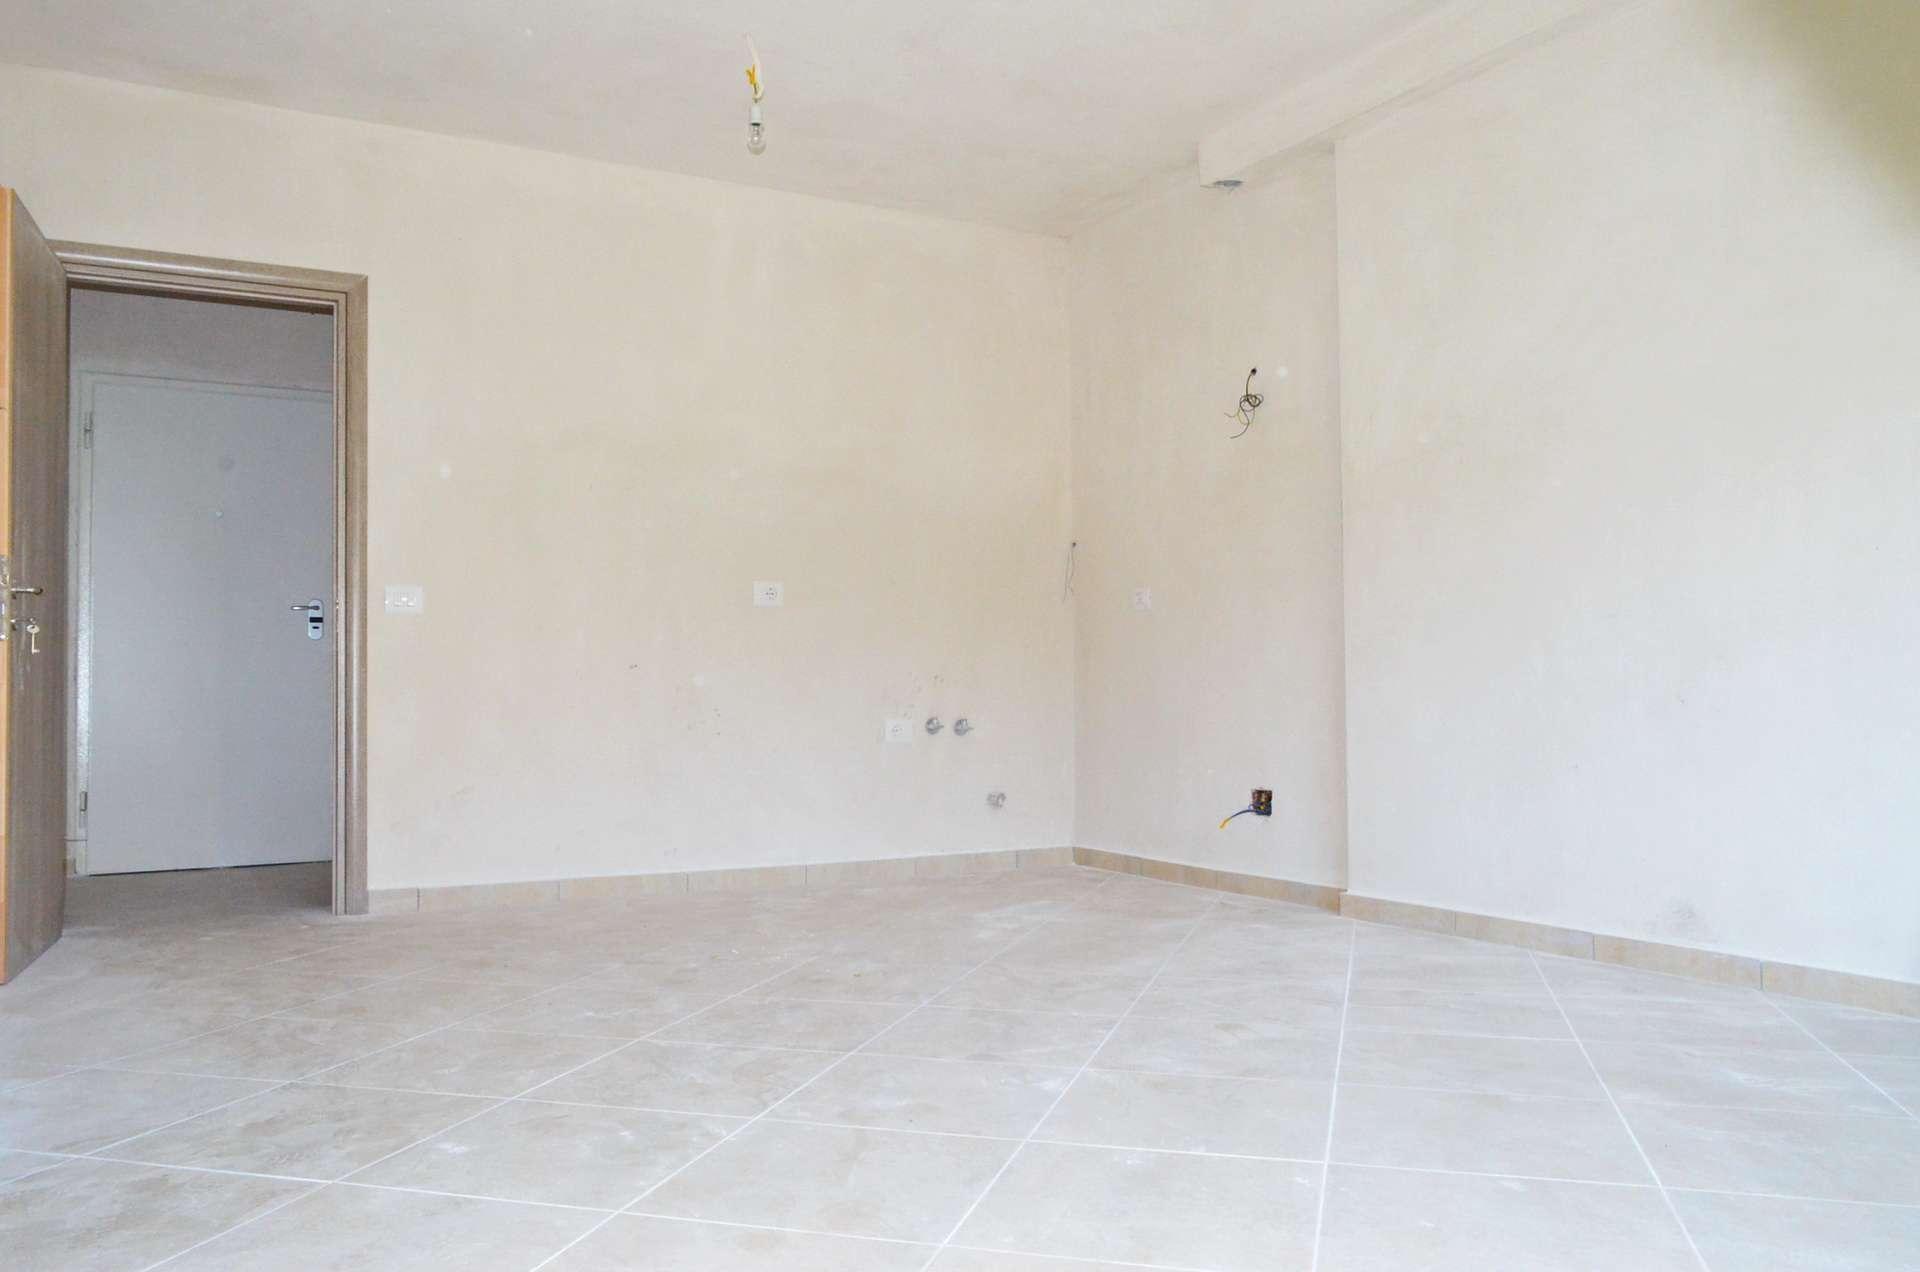 Immobilier saranda albanie albrealproperty droits de vente exclusifs pou - Droit de vente immobilier ...